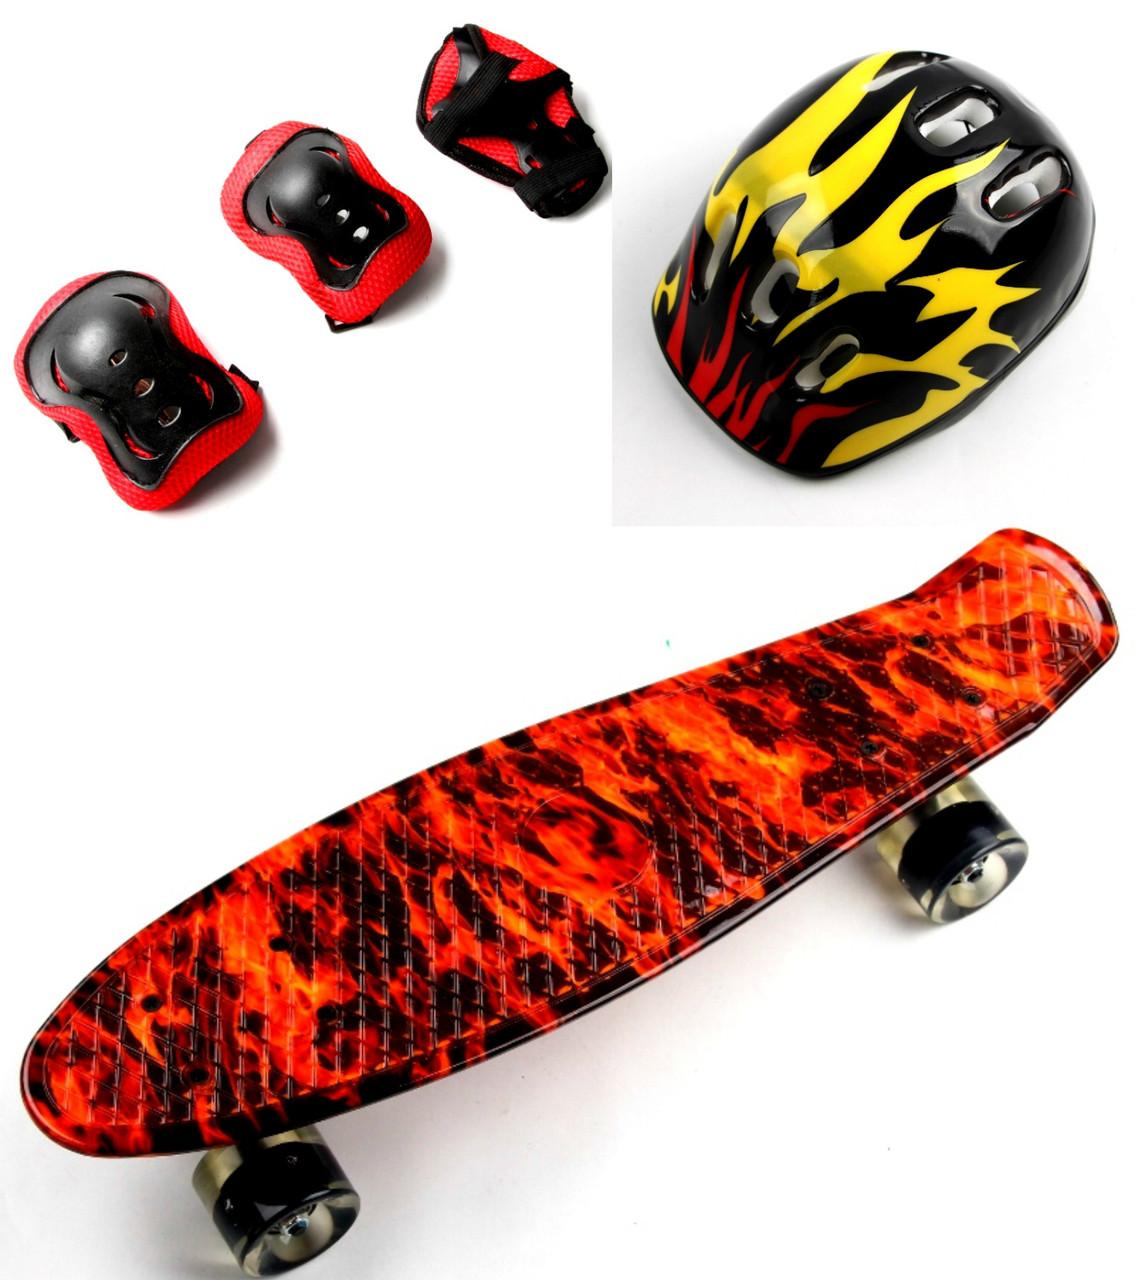 Penny Board. Fire.+защита+шлем. Светящиеся колеса.